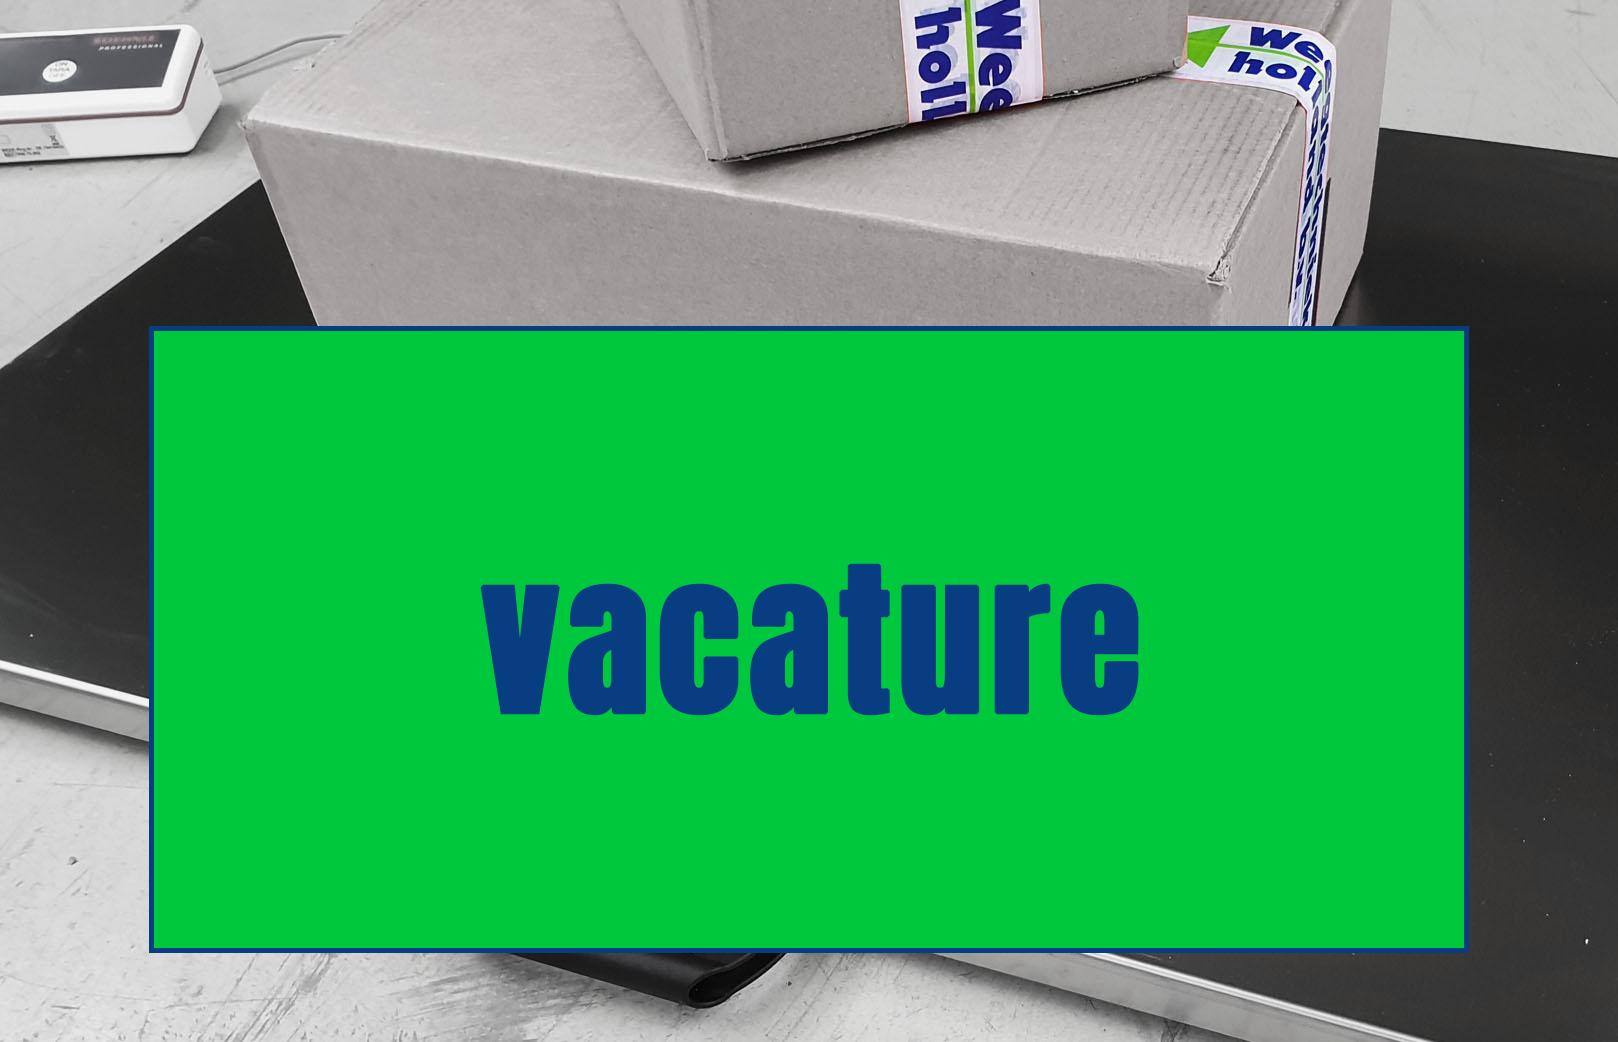 Vacature-technische-dienst